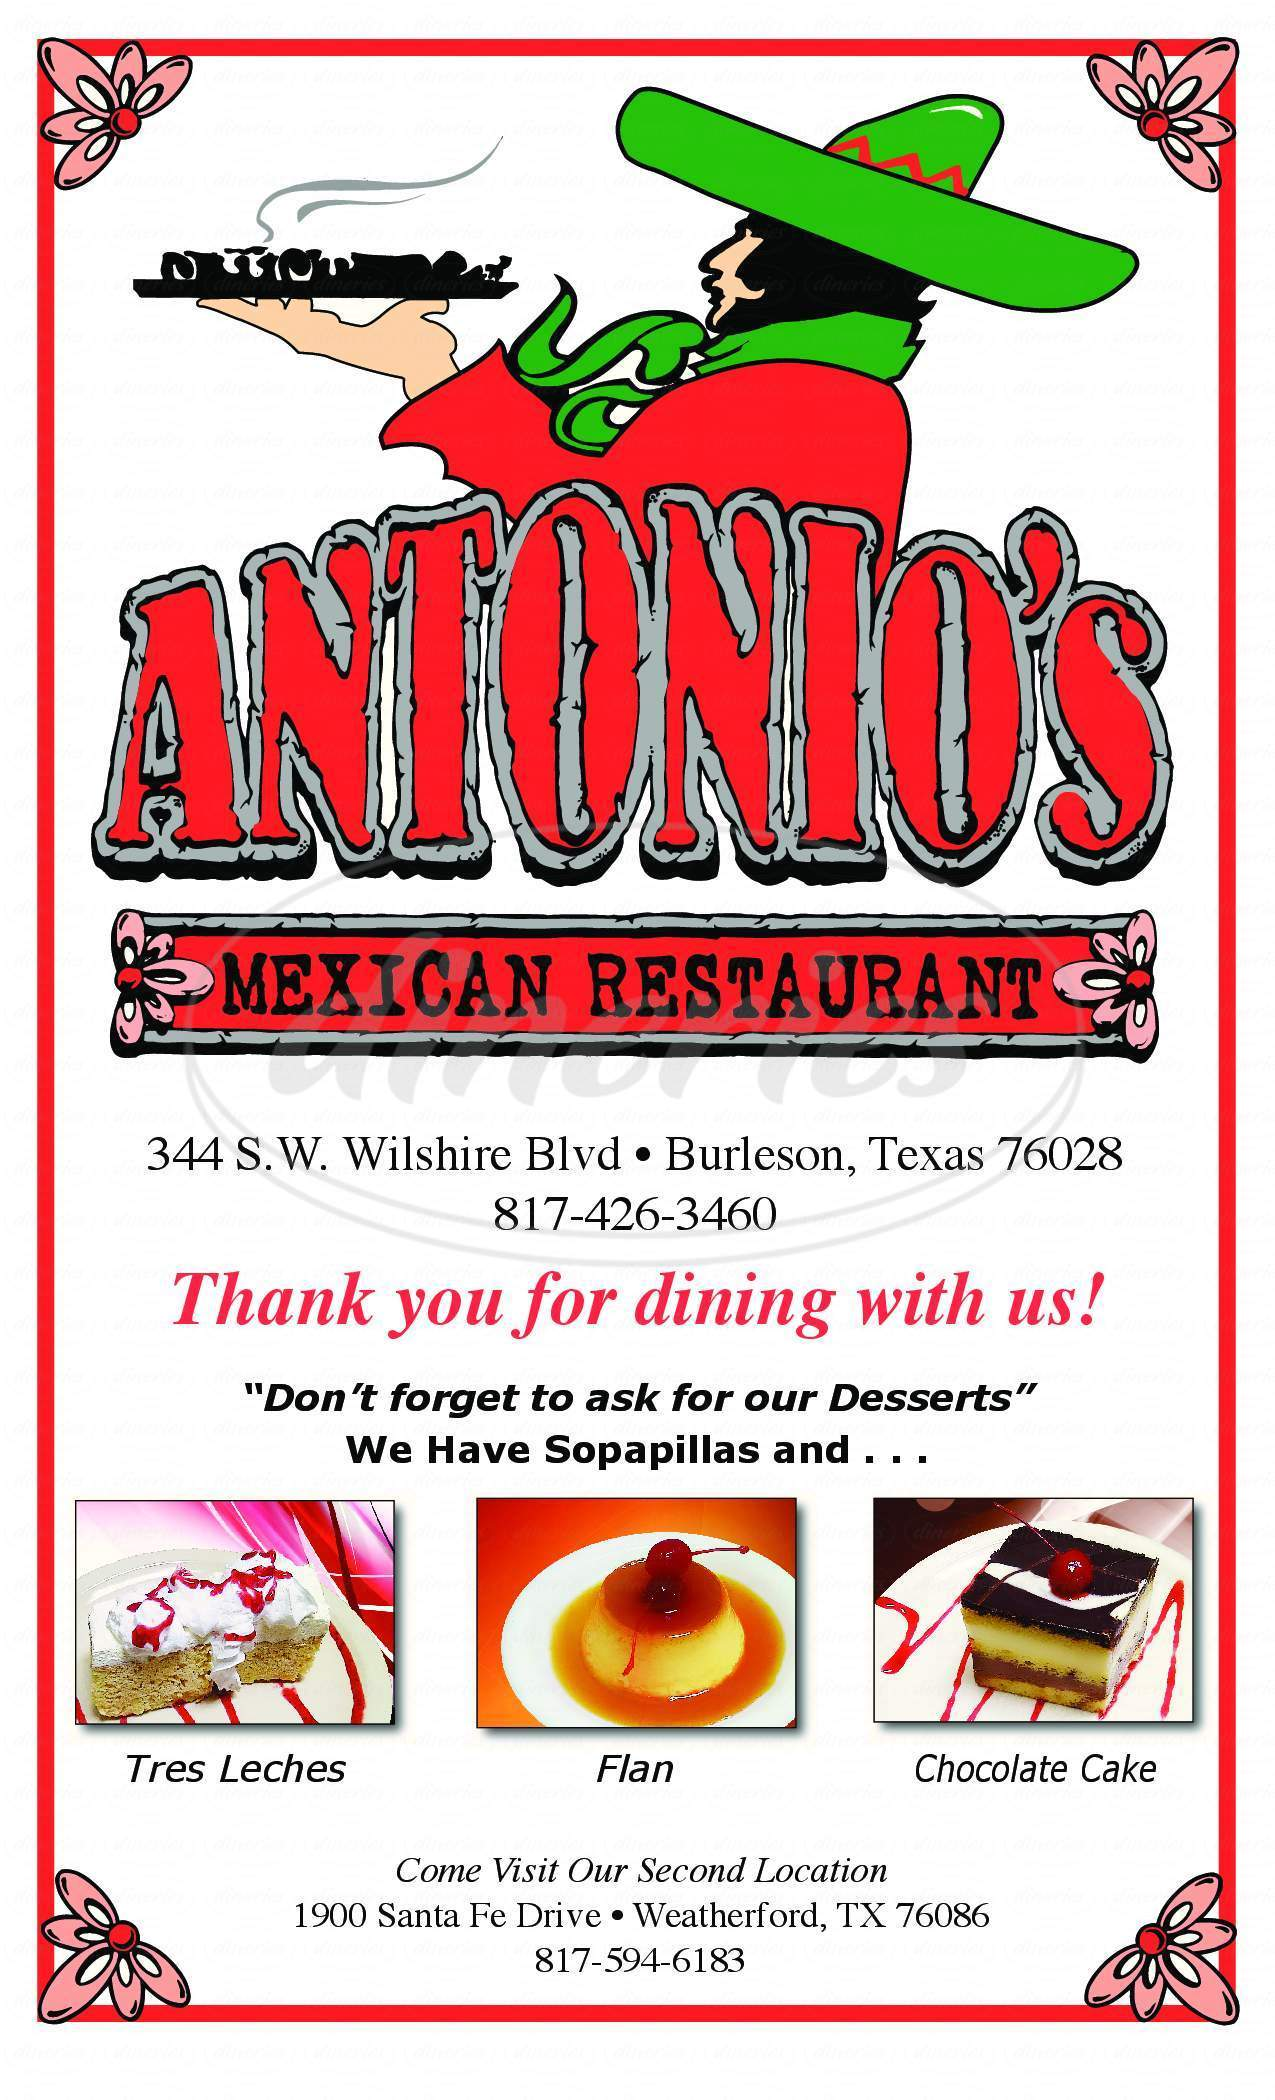 menu for Antonio's Mexican Restaurant